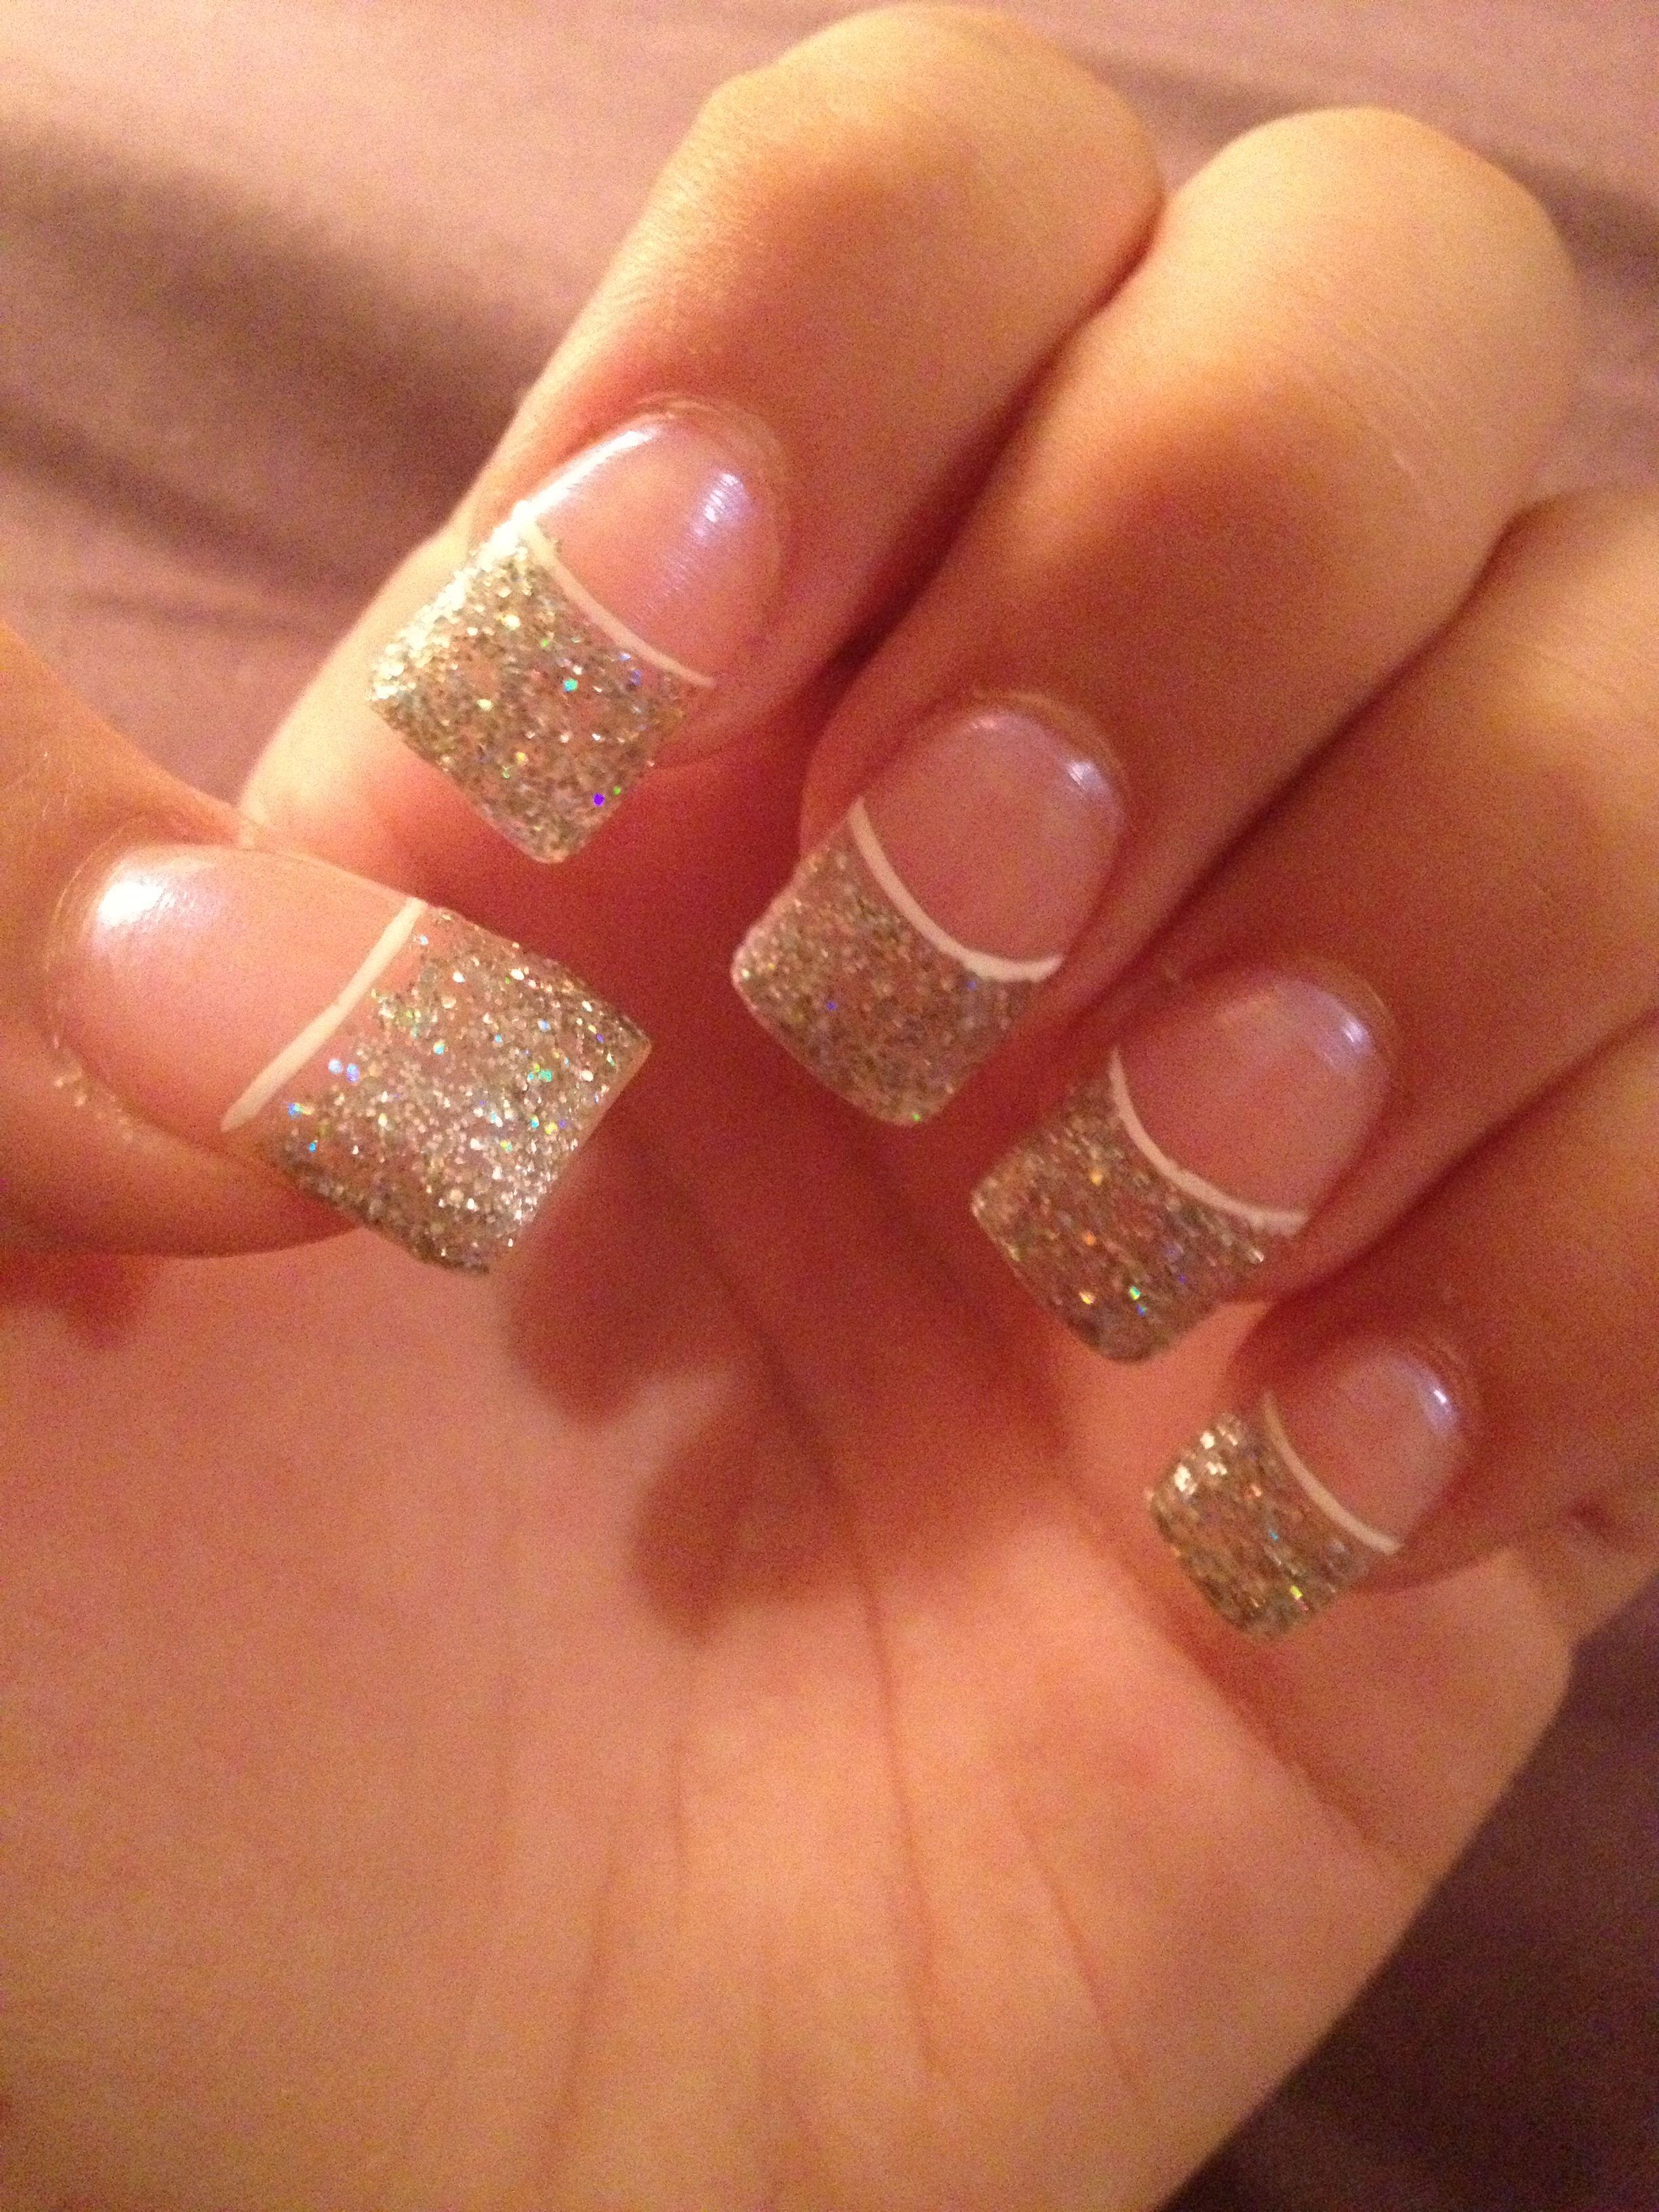 Glitter French nails | Nails | Pinterest | Glitter french nails ...